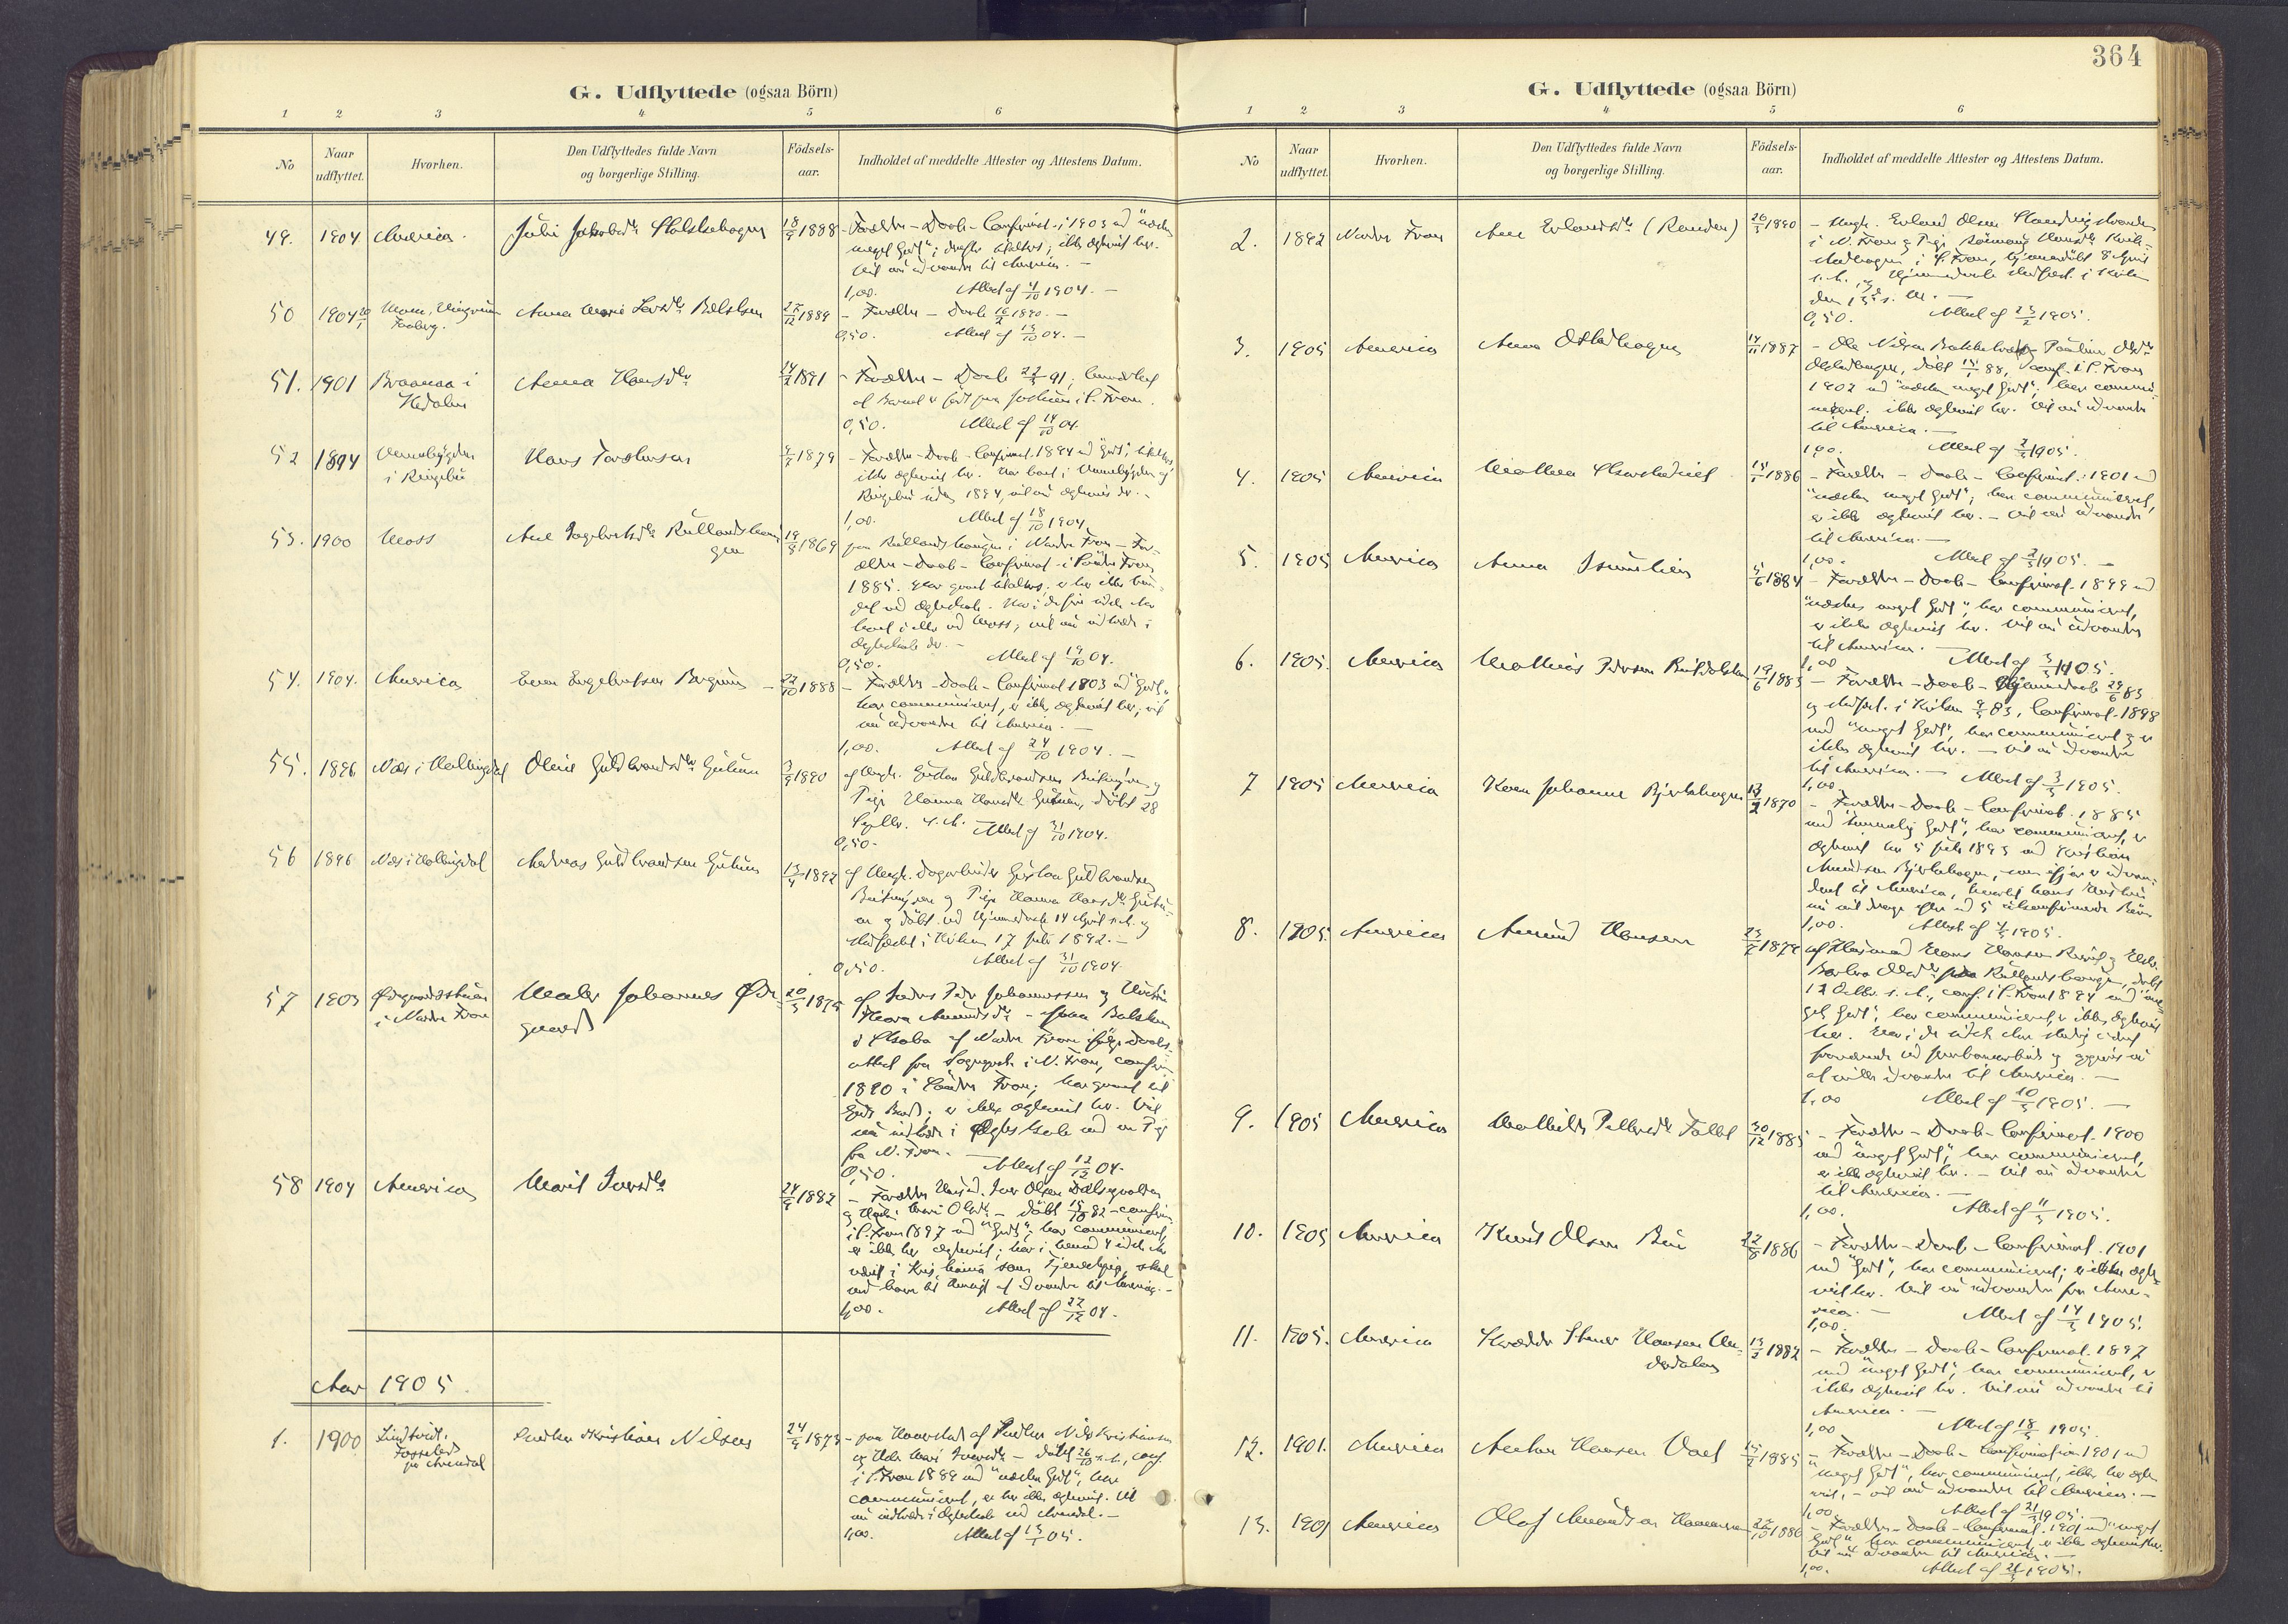 SAH, Sør-Fron prestekontor, H/Ha/Haa/L0004: Ministerialbok nr. 4, 1898-1919, s. 364